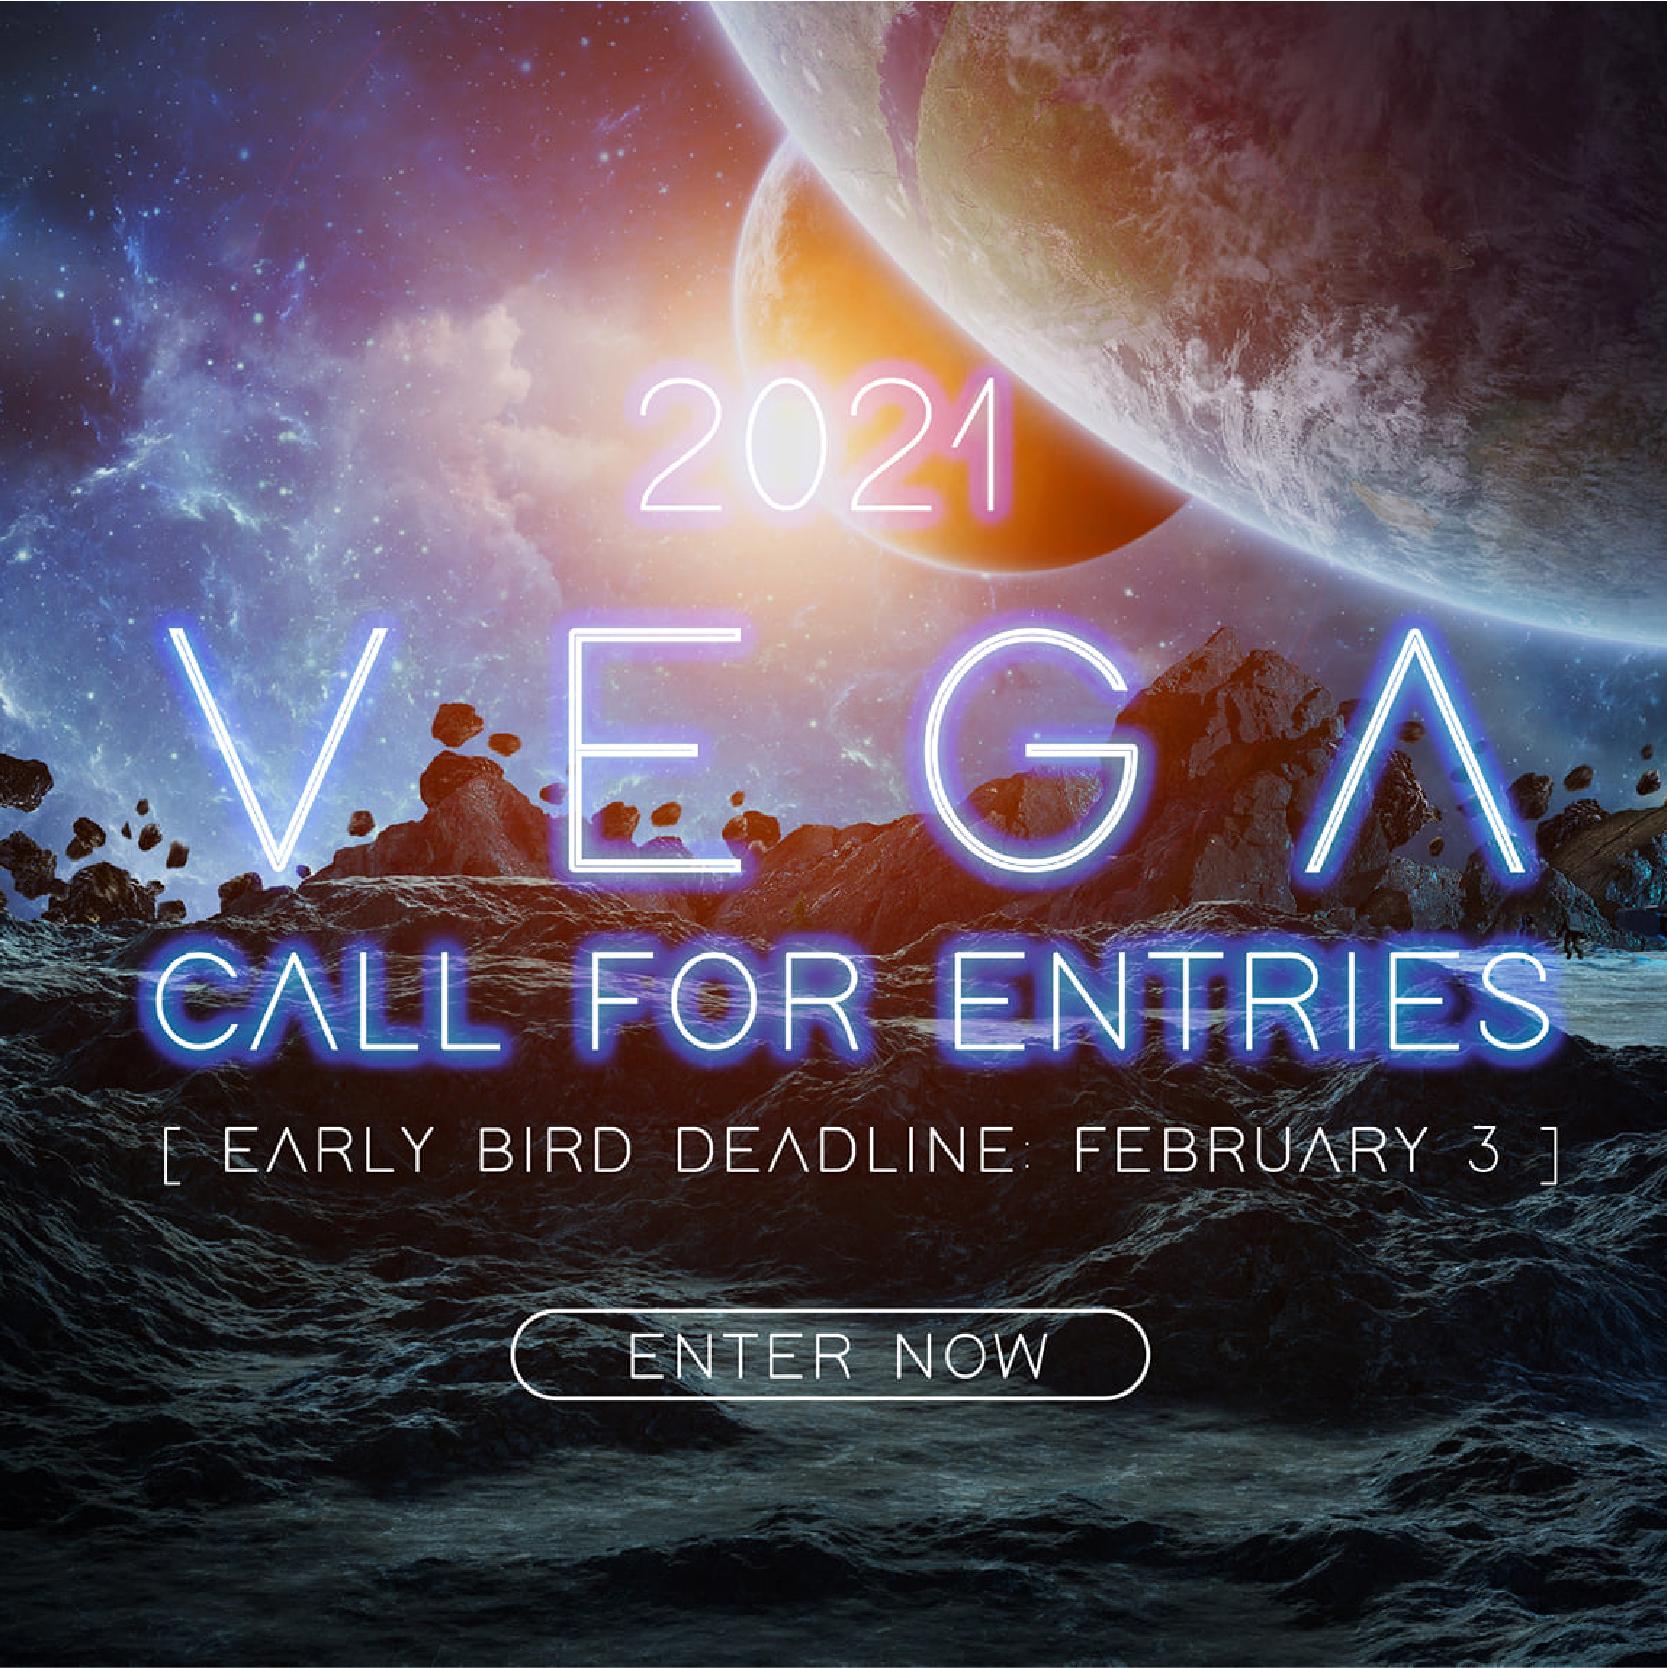 Vega Digital Awards  | 2021 Call for Entries